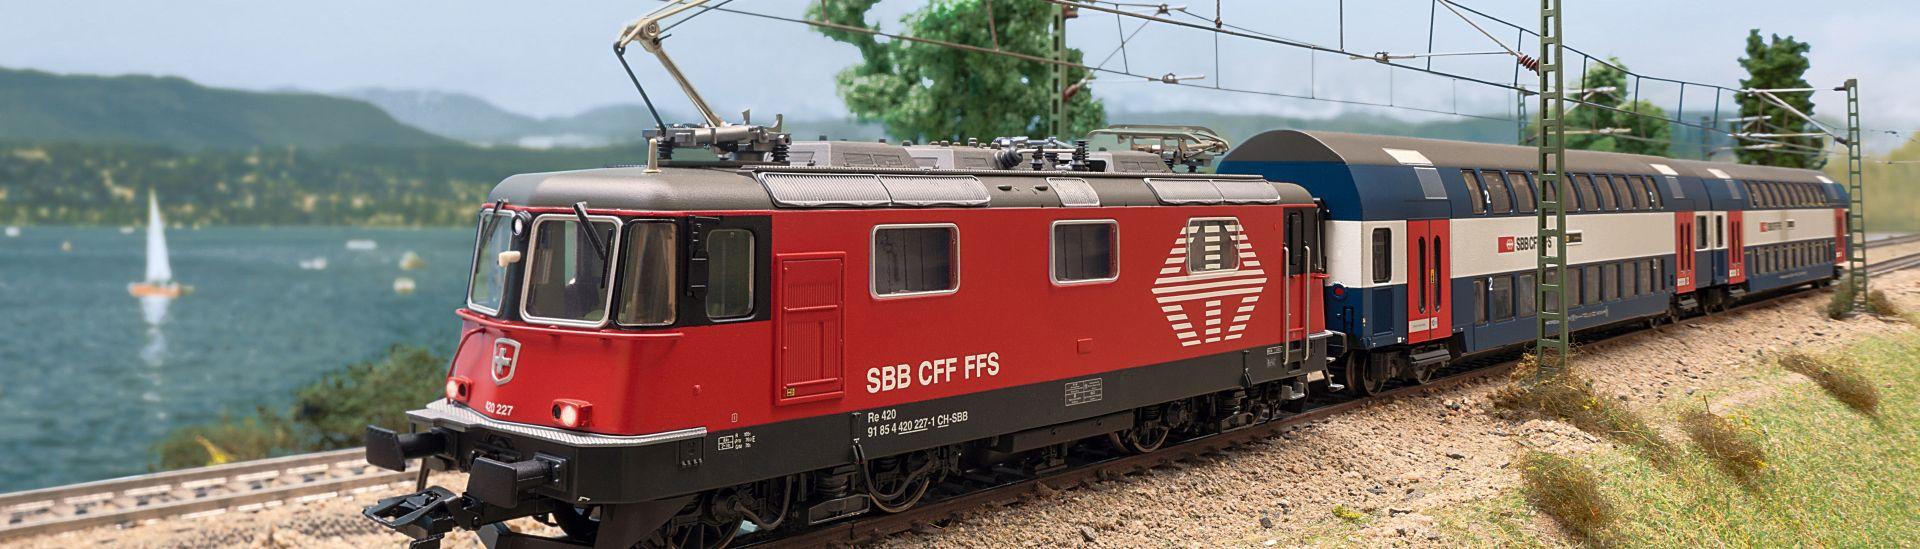 Amiba modelleisenbahn